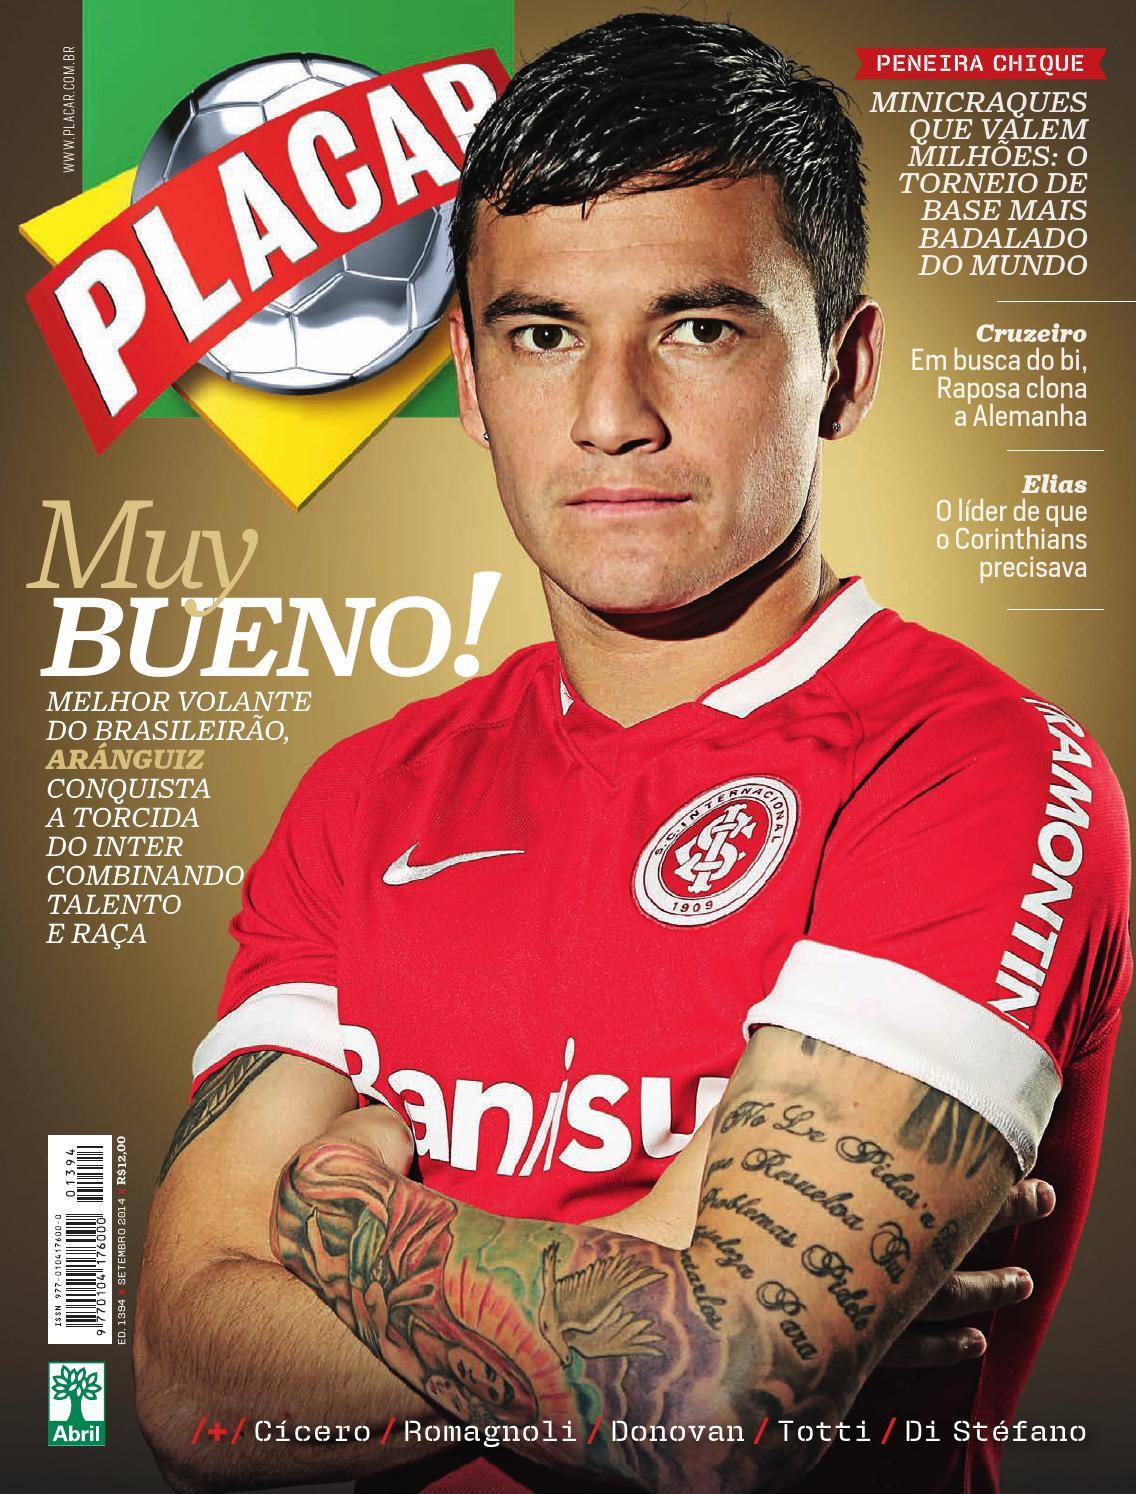 2c37cd294c Revista Placar – Editora Abril Edição 1394 – Setembro de 2014 by Revista  Placar - issuu